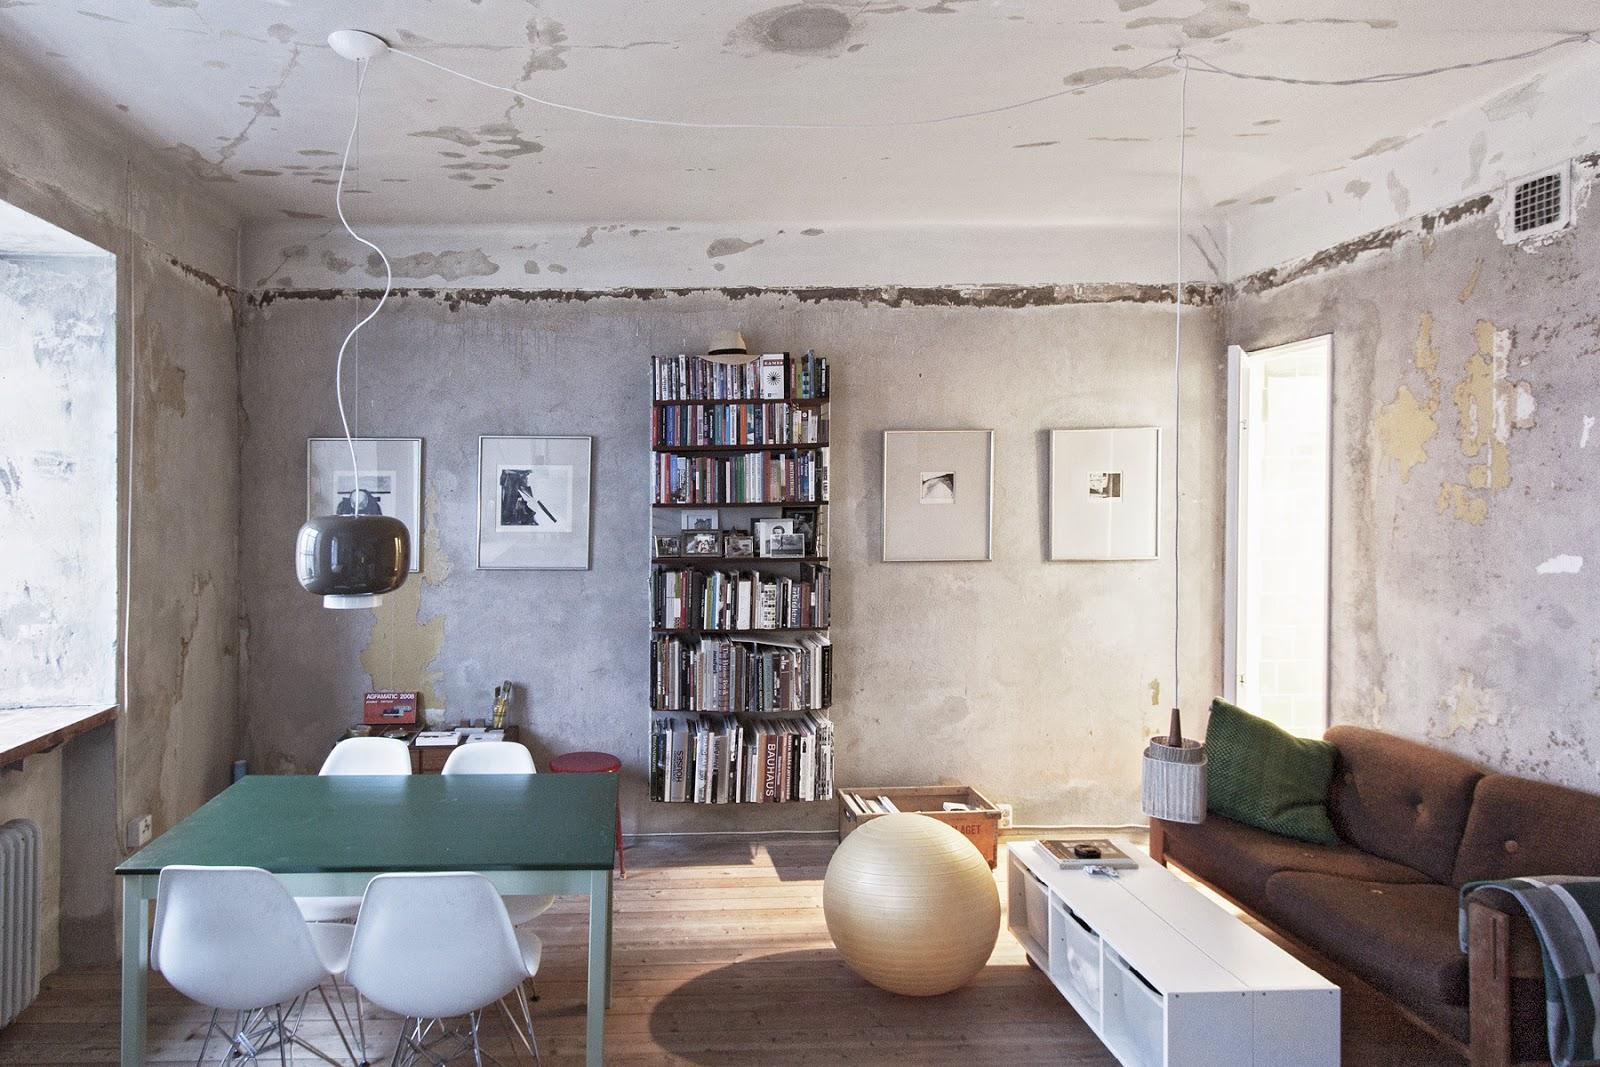 Minimalistisch kompakt in Stockholm wohnen und leben: Möbel selbermachen für mehr Ordnung